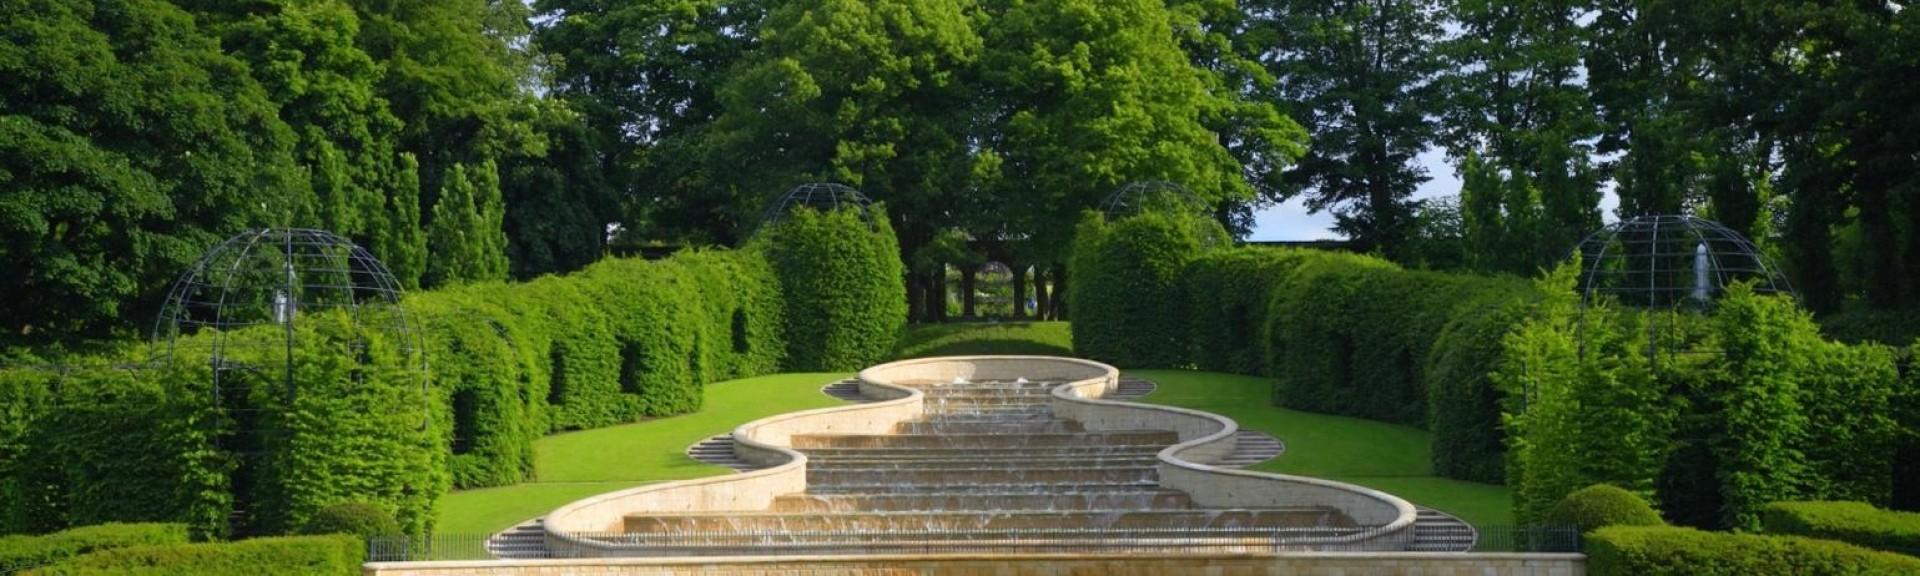 Alnwick Garden, England Informationen   Visit Britain